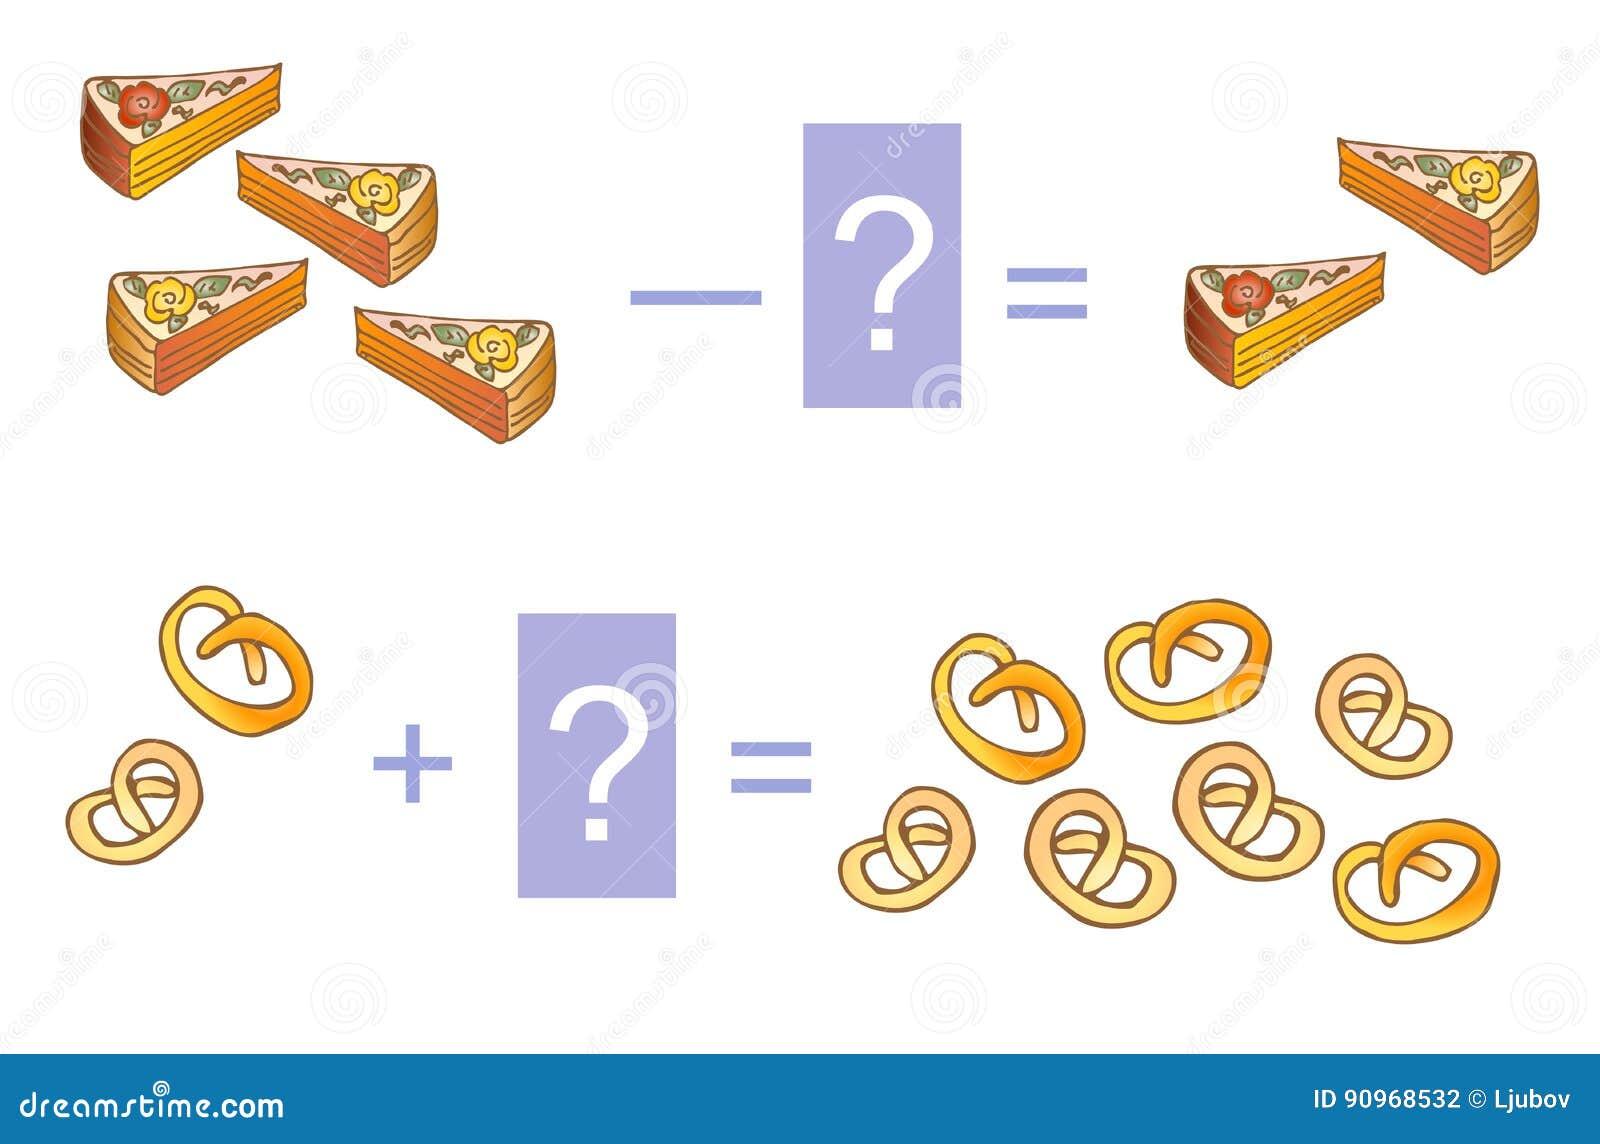 lernspiel fr kinder mathematischer zusatz und abzug beispiele mit kuchen und keksen - Kuchen Beispiele